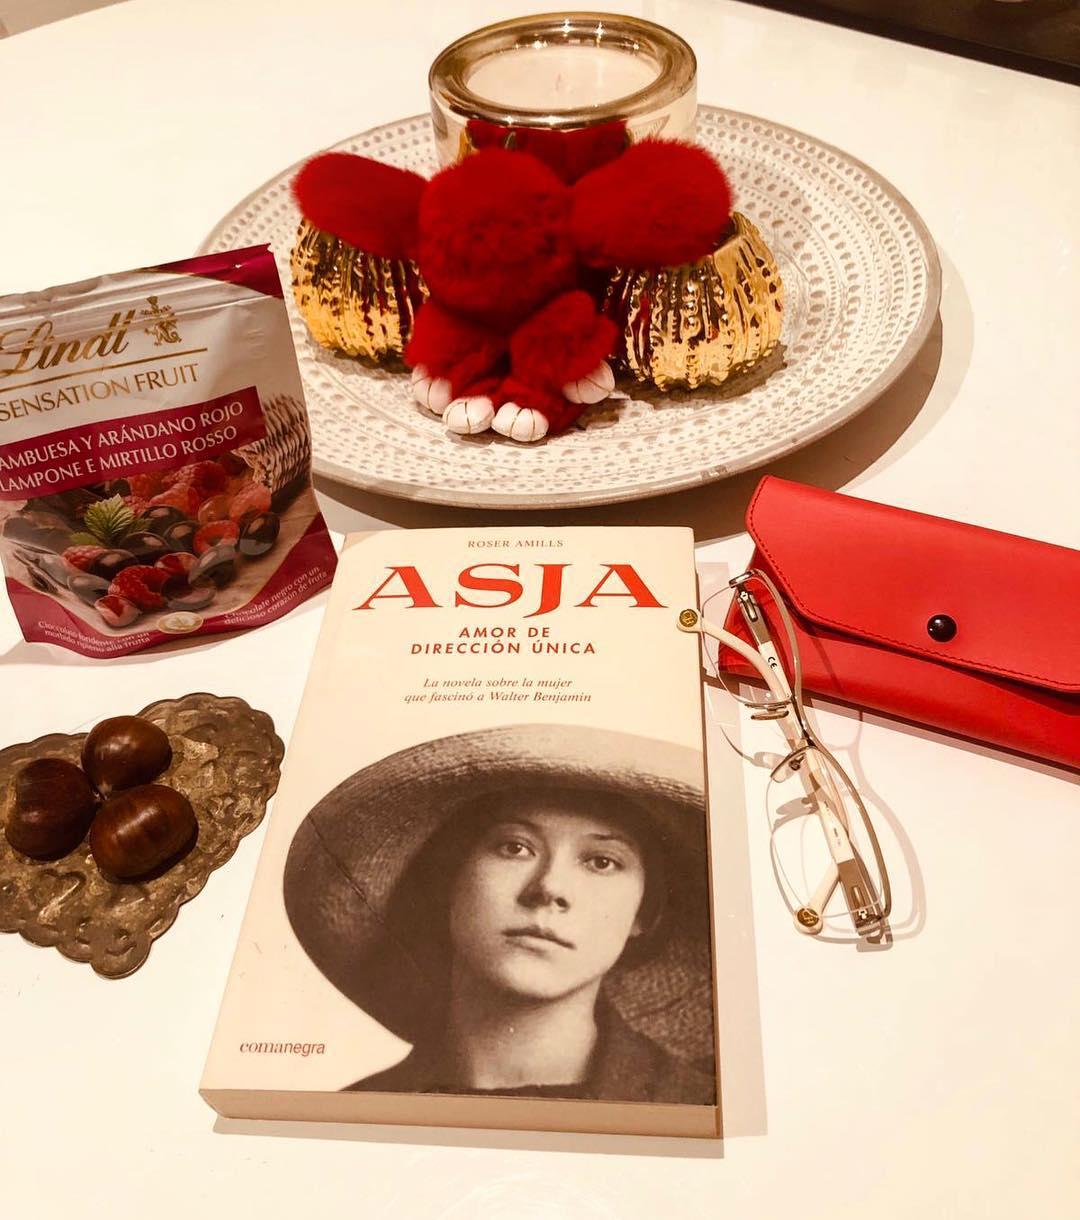 asja lacis de roser amills la historia de amor de #asjalacis & #walterbenjamin ;))